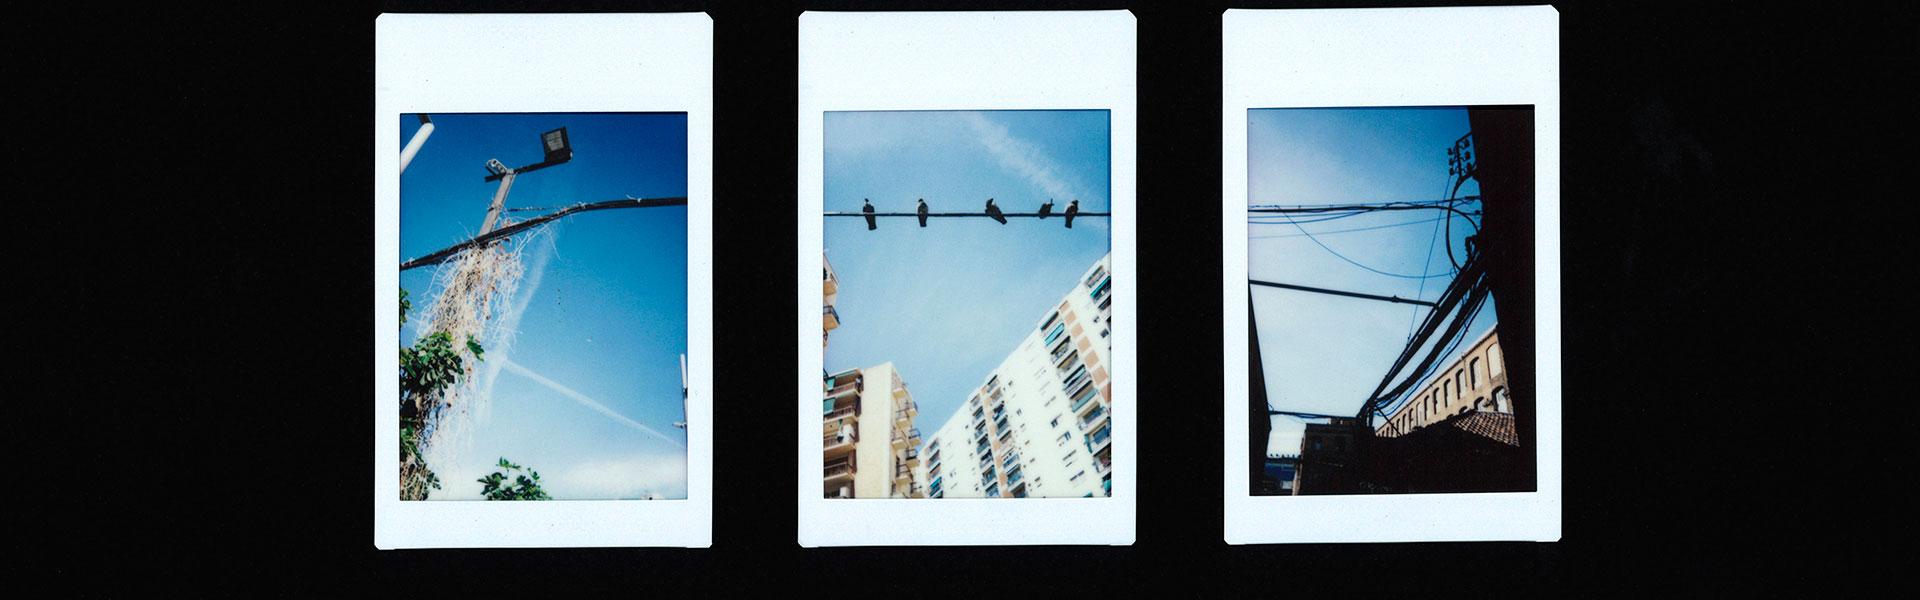 Ciutat fragmentada. Foto: David Aguinaga Andrés